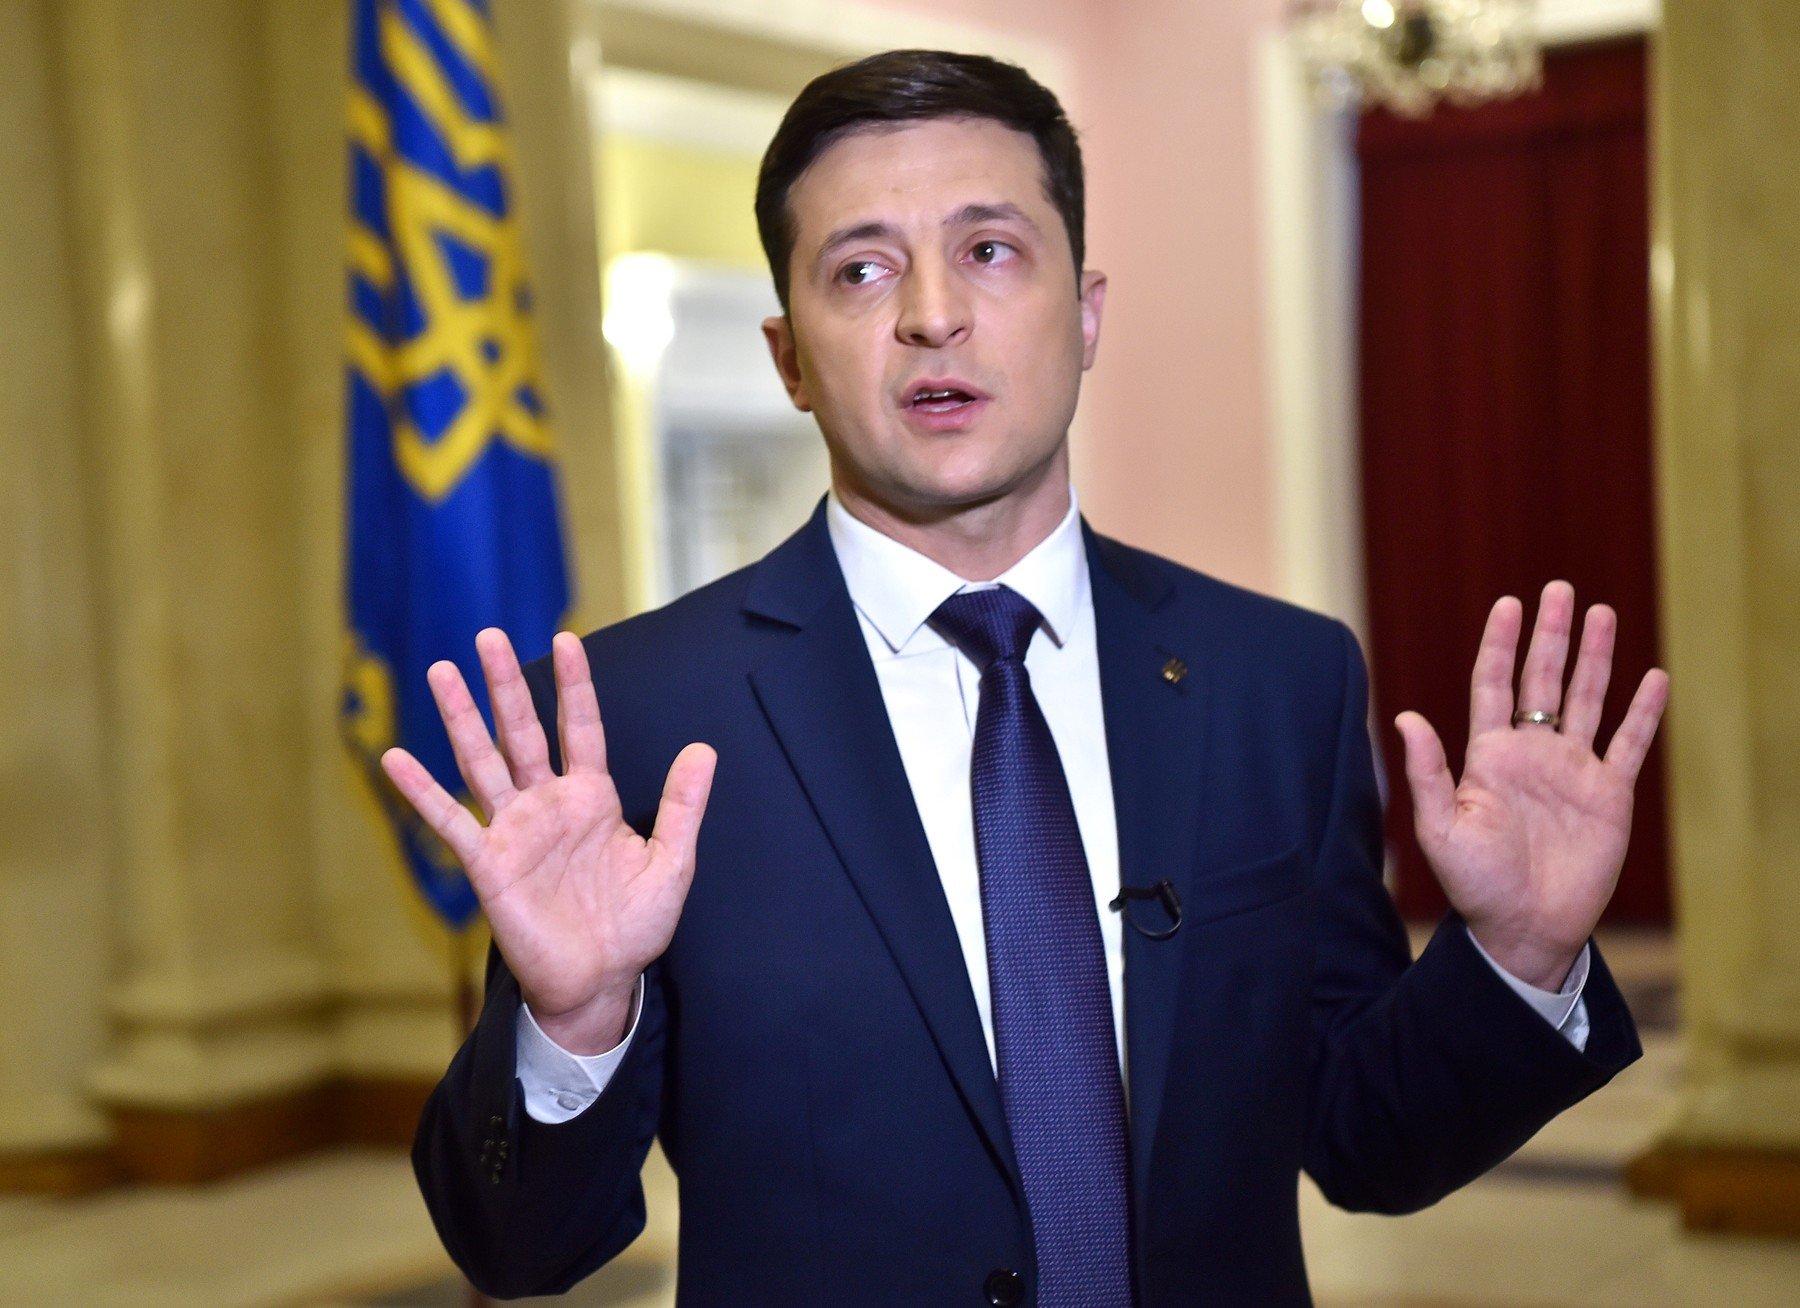 Kandidát na ukrajinského prezidenta Volodymyr Zelenskyj